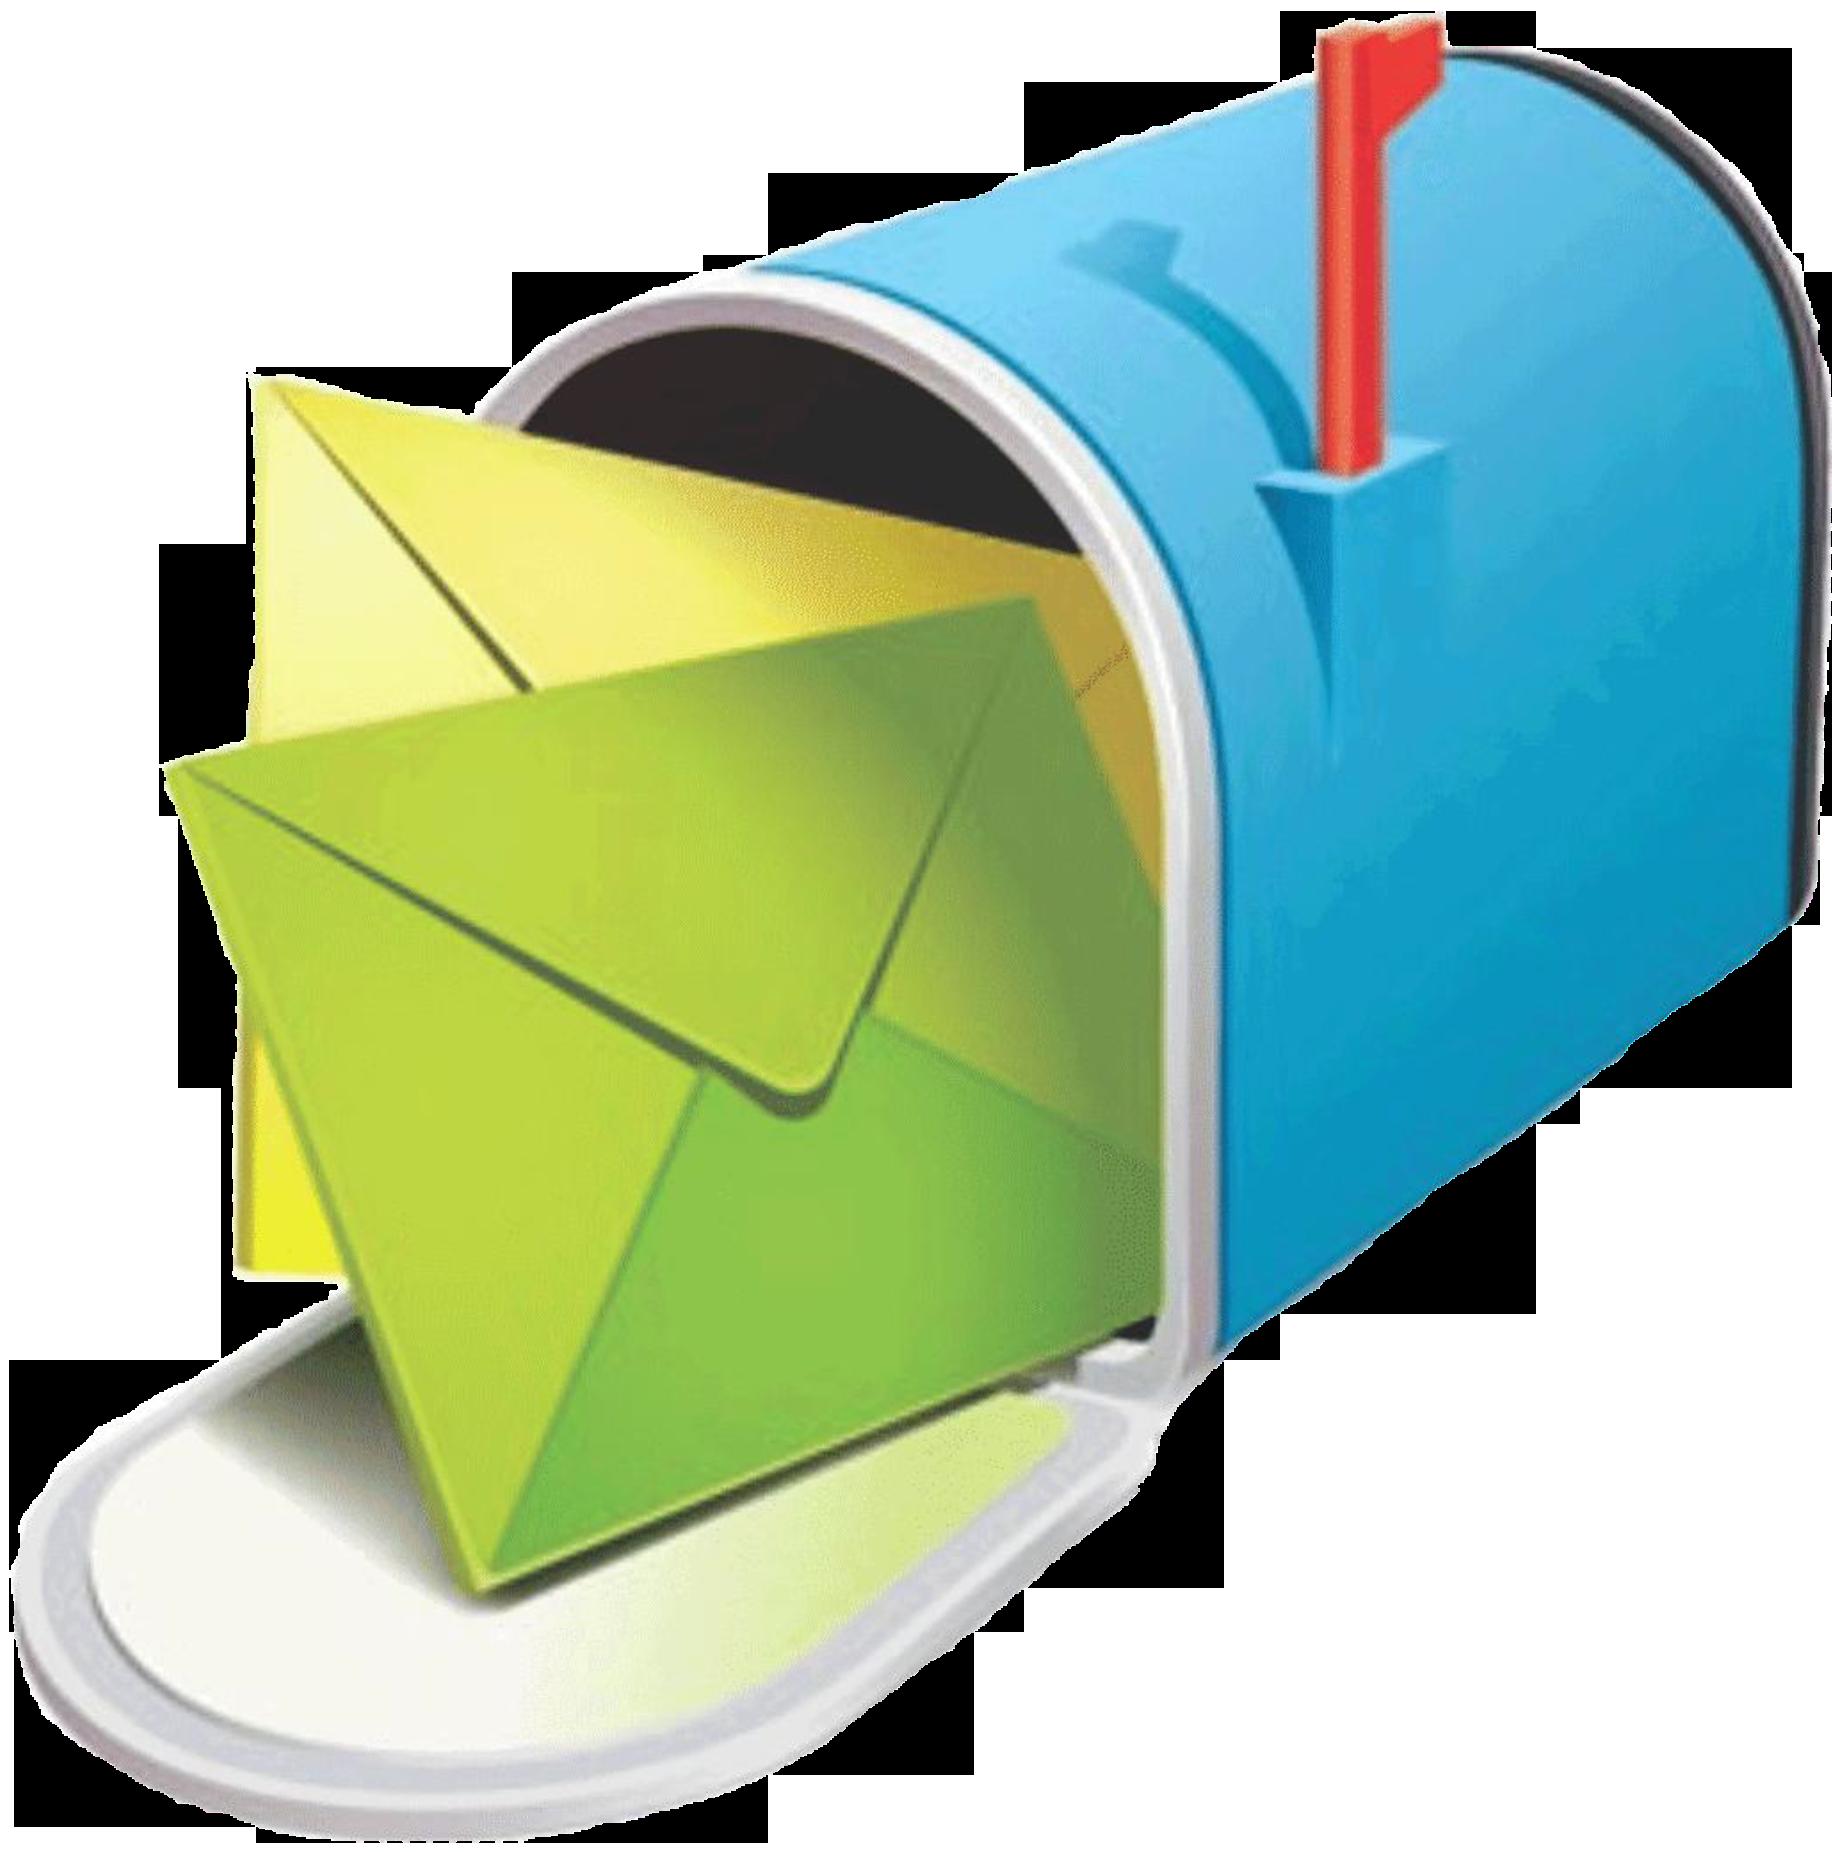 Mvqg. Mailbox clipart full mailbox